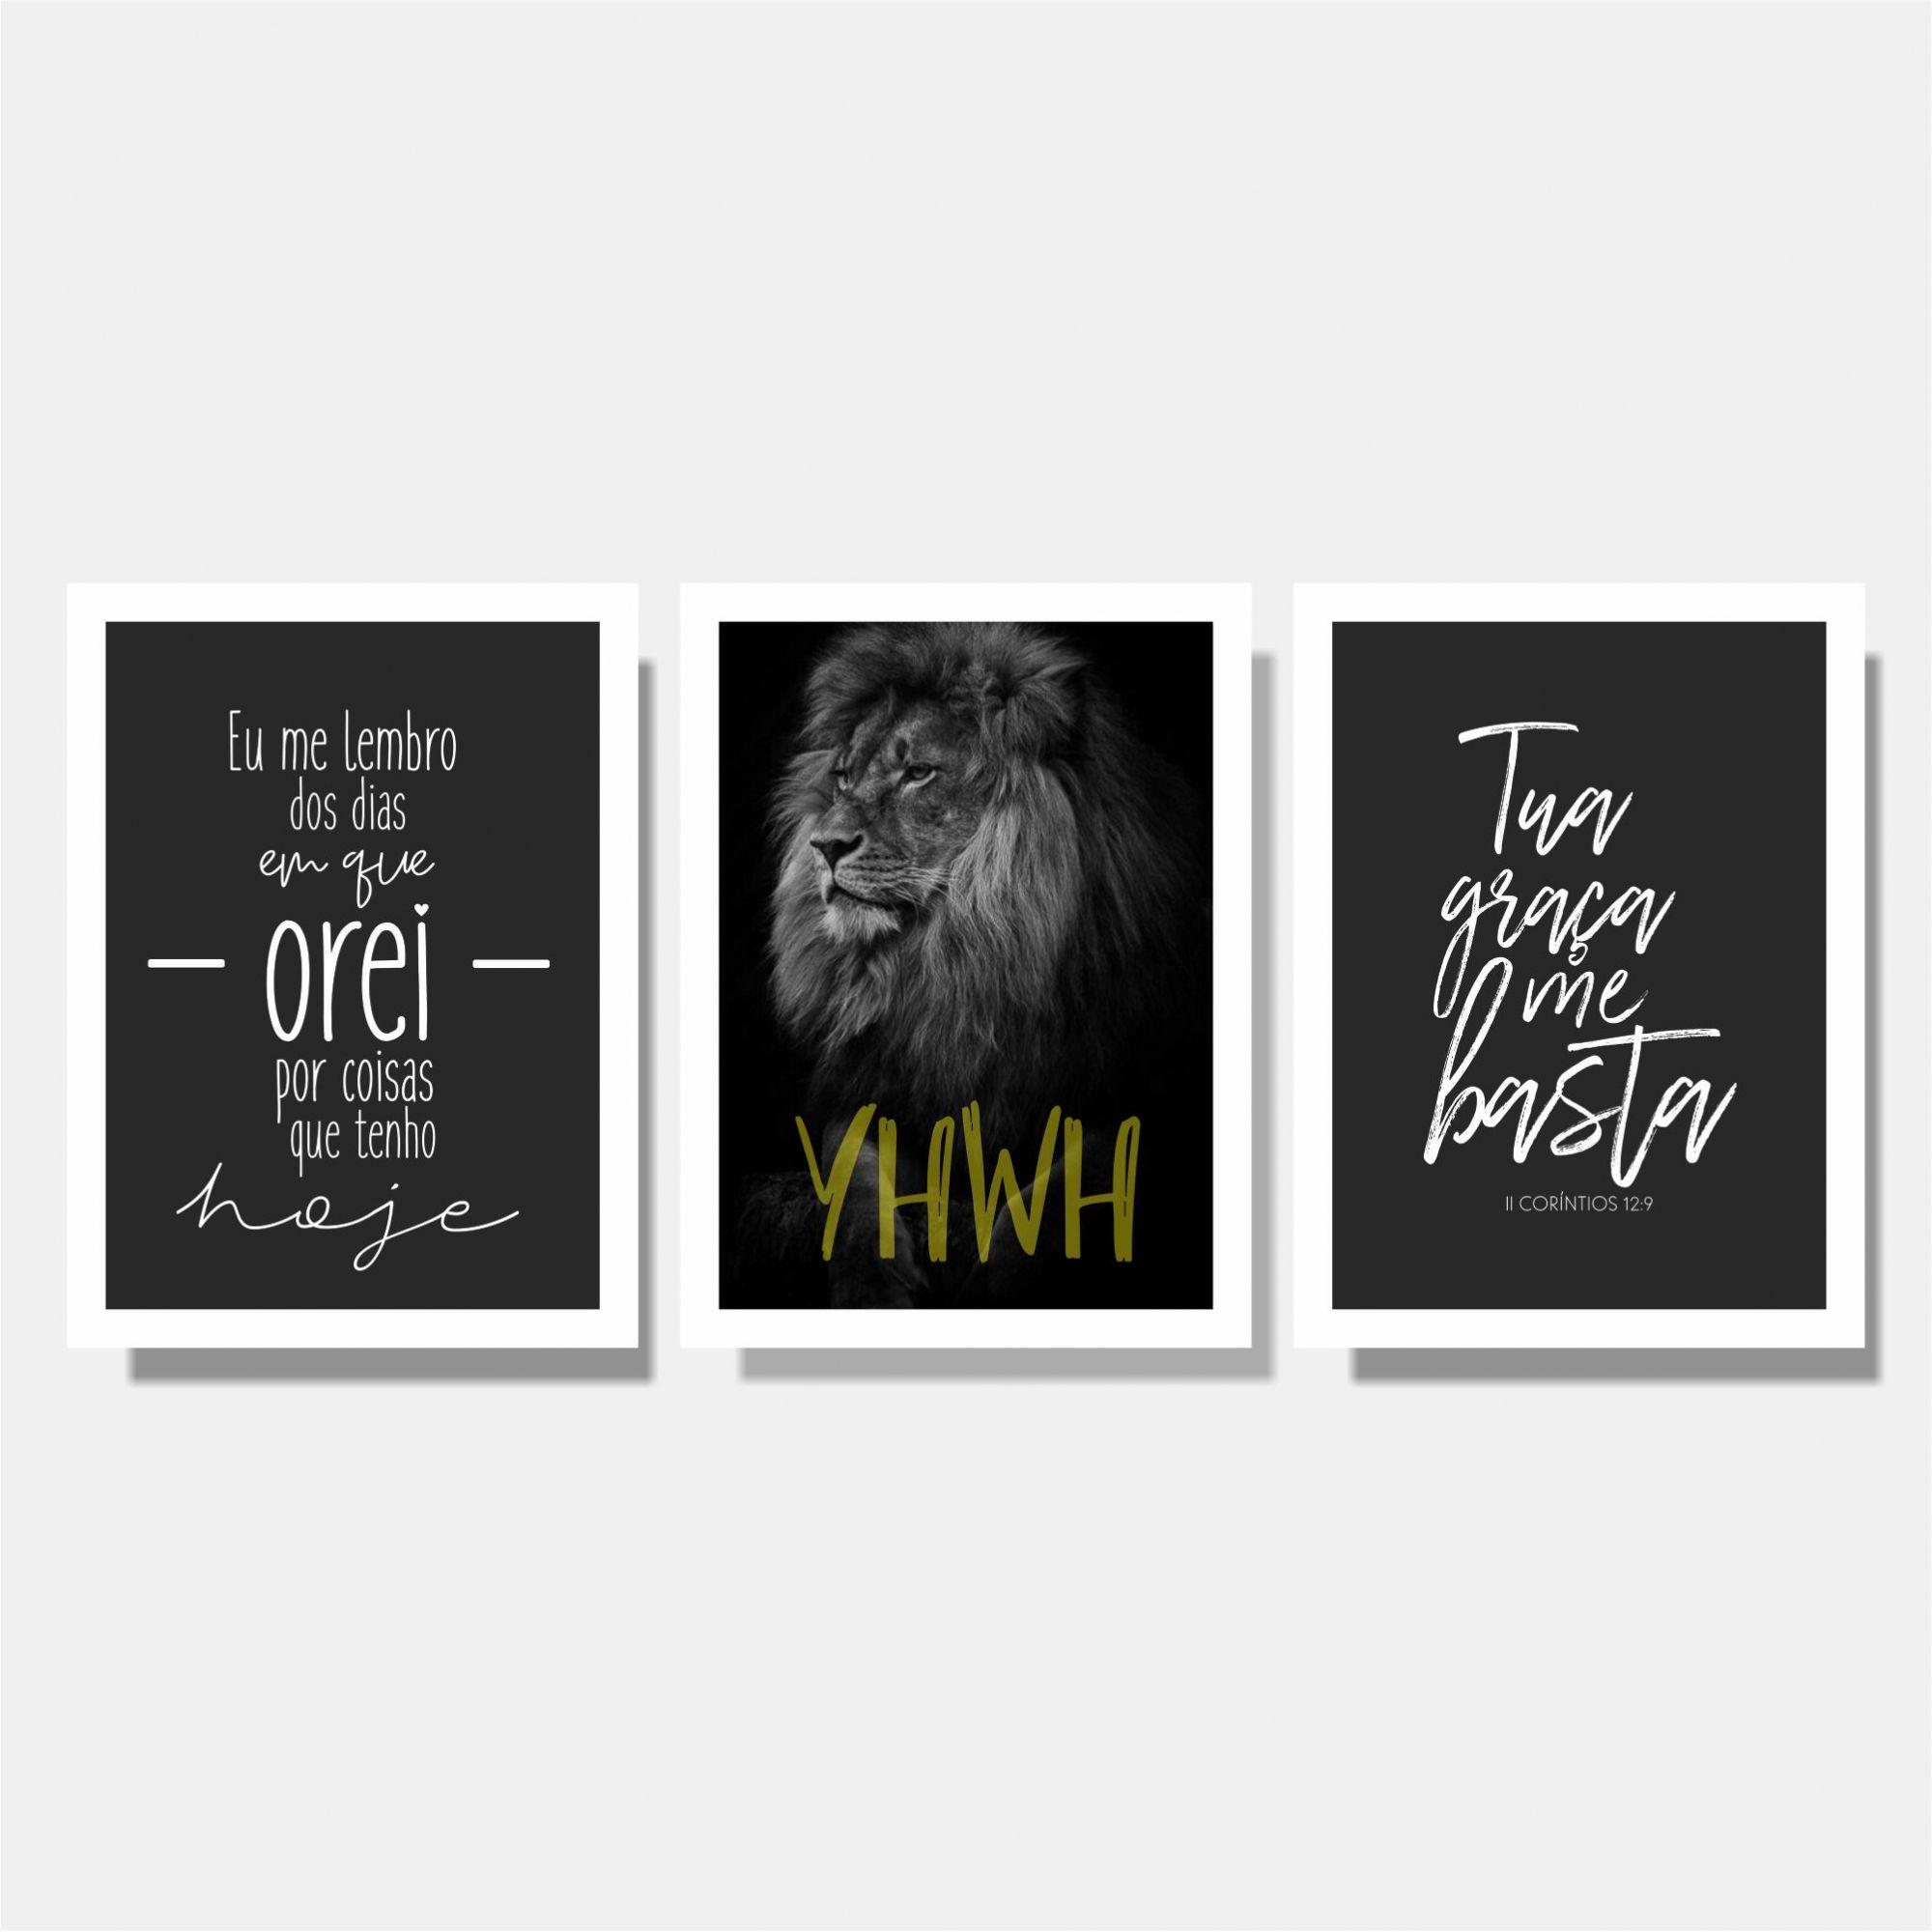 Kit Cristão Eu me Lembro + YHWH + Tua Graça me Basta